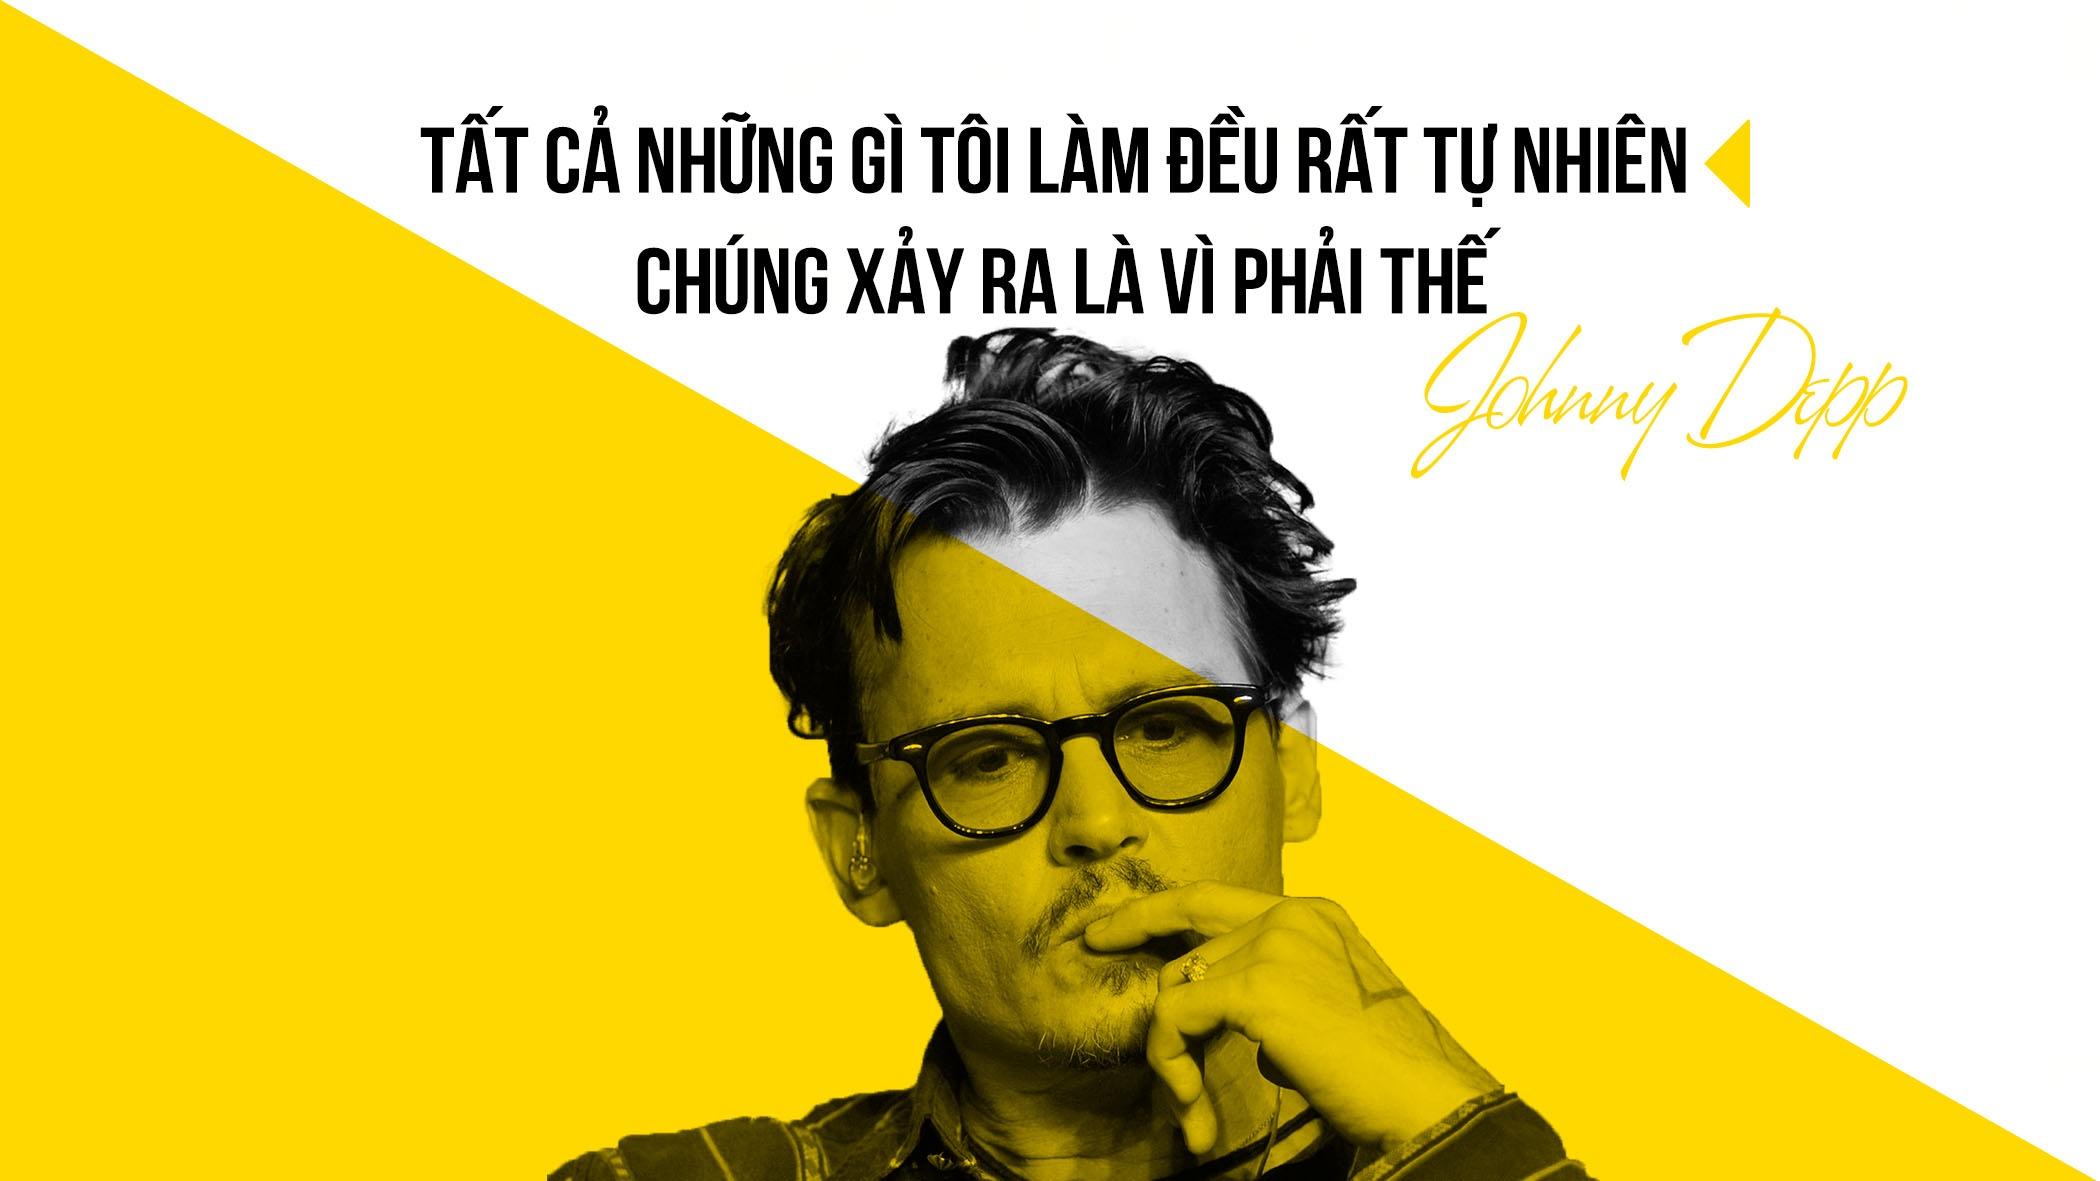 Sau tat ca, Johnny Depp van la mot ngoi sao hang A hinh anh 3